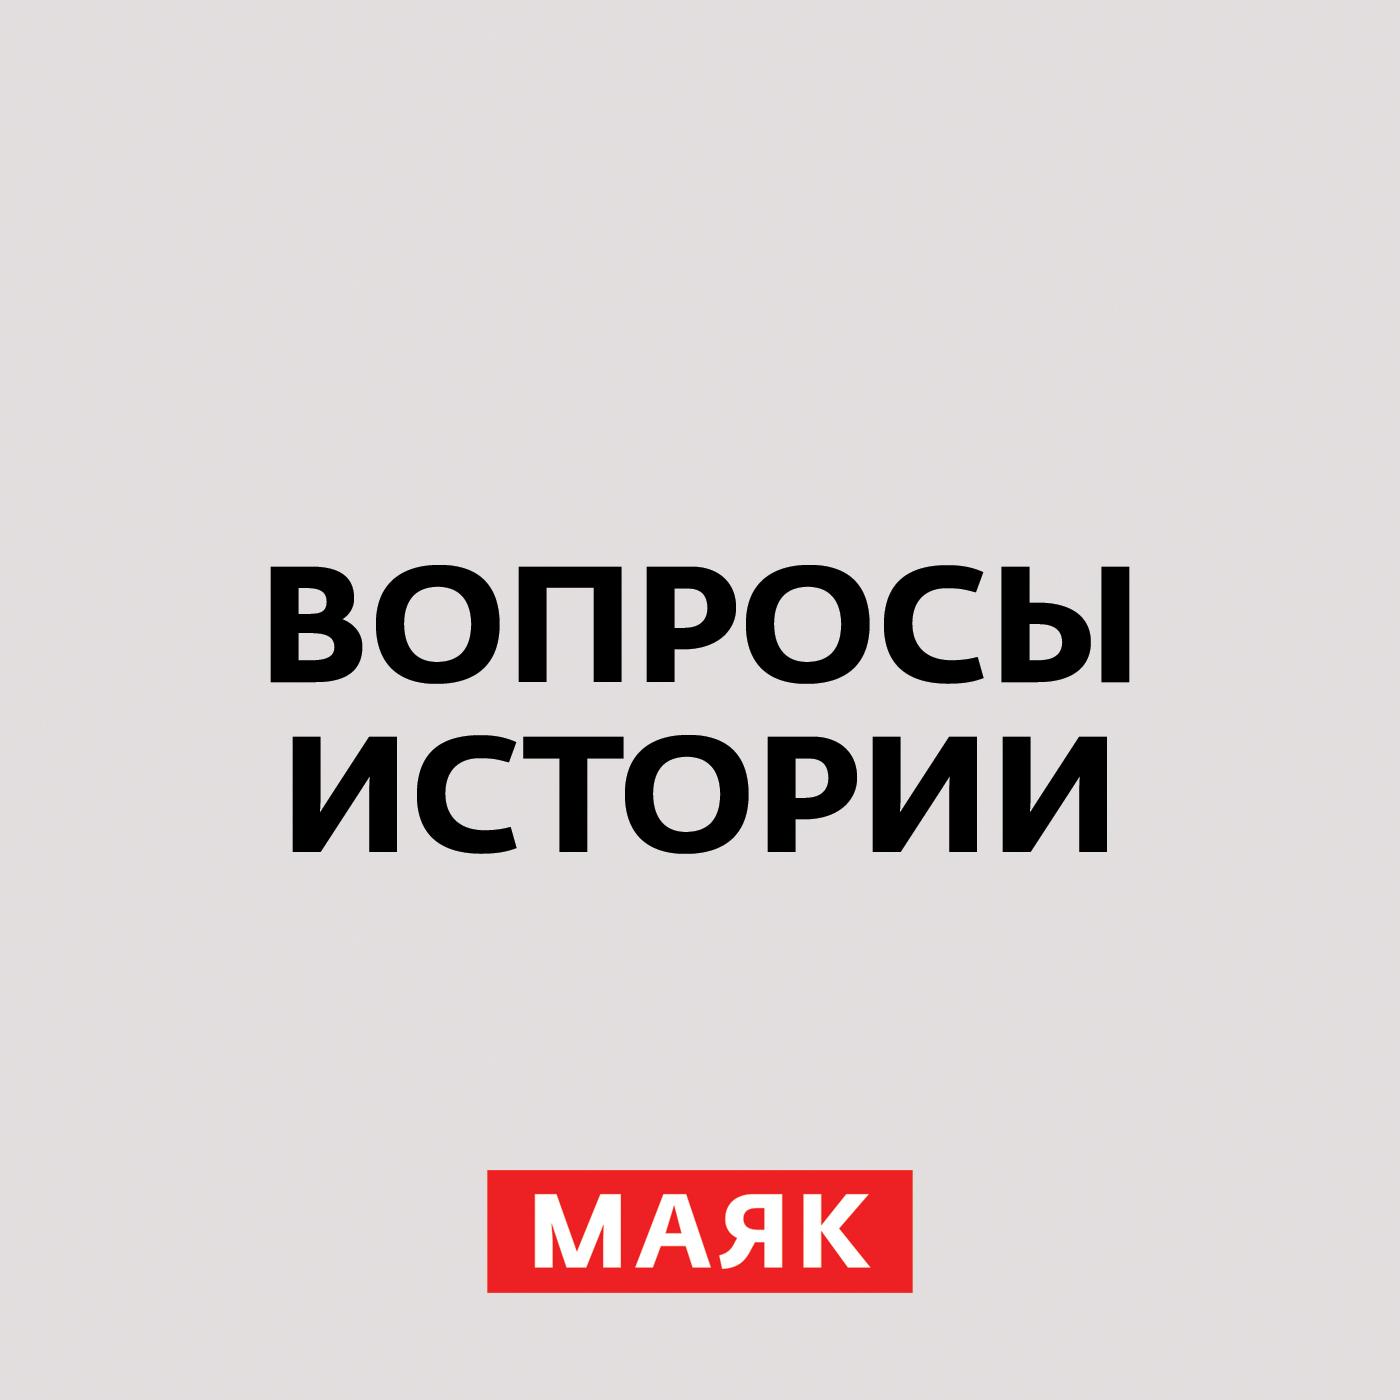 Андрей Светенко Отмена крепостного права. Часть 3 андрей светенко речь сталина 3 июля почему каждый абзац вызывает недовольство часть 3